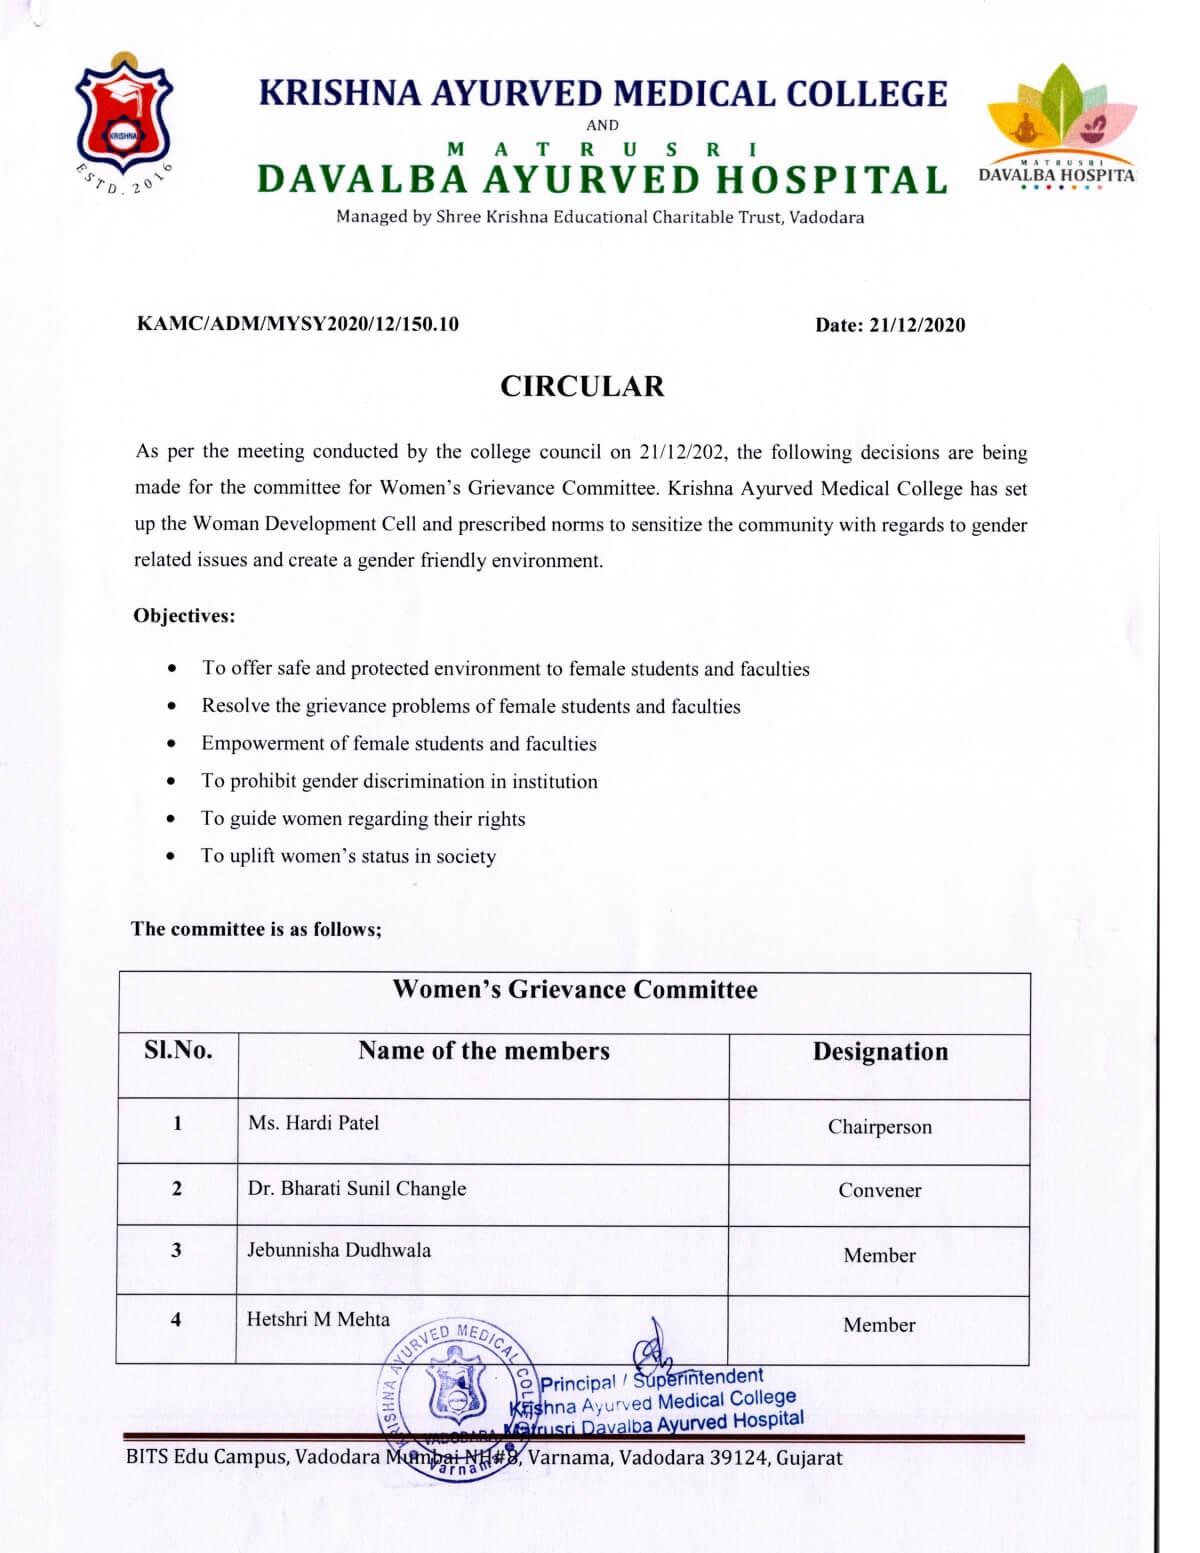 Women's Grievance Committee